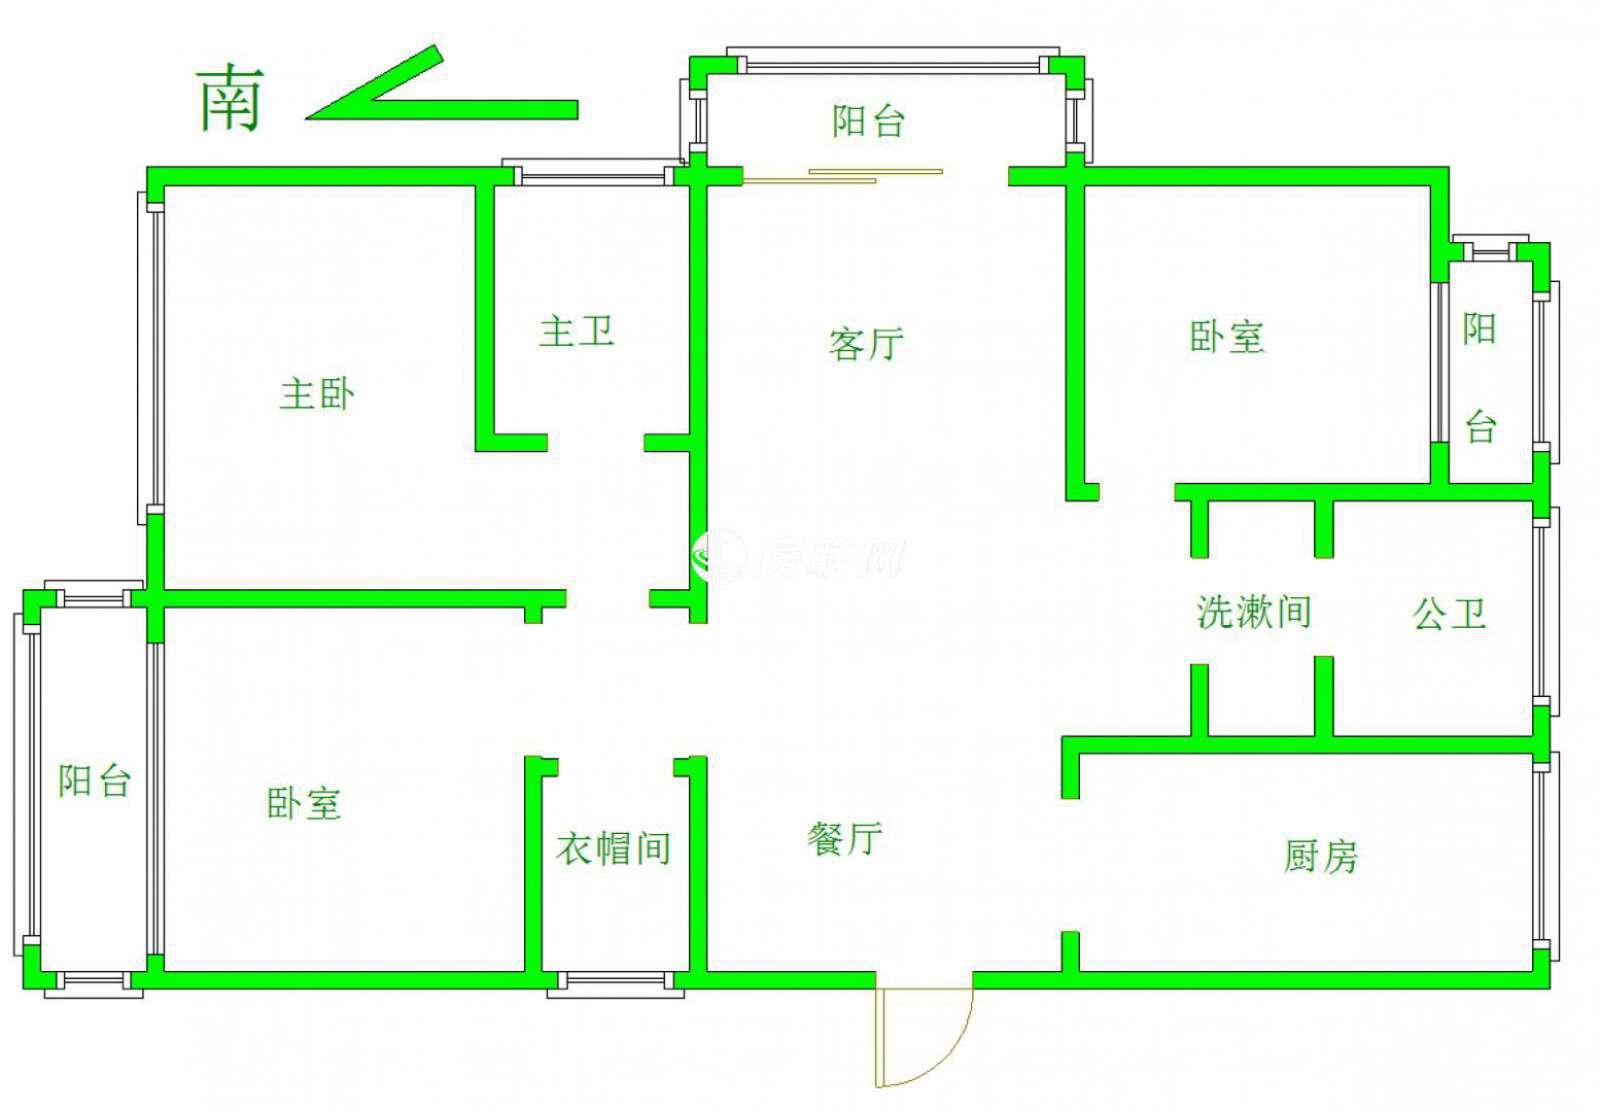 金鹏城 3室2厅113㎡